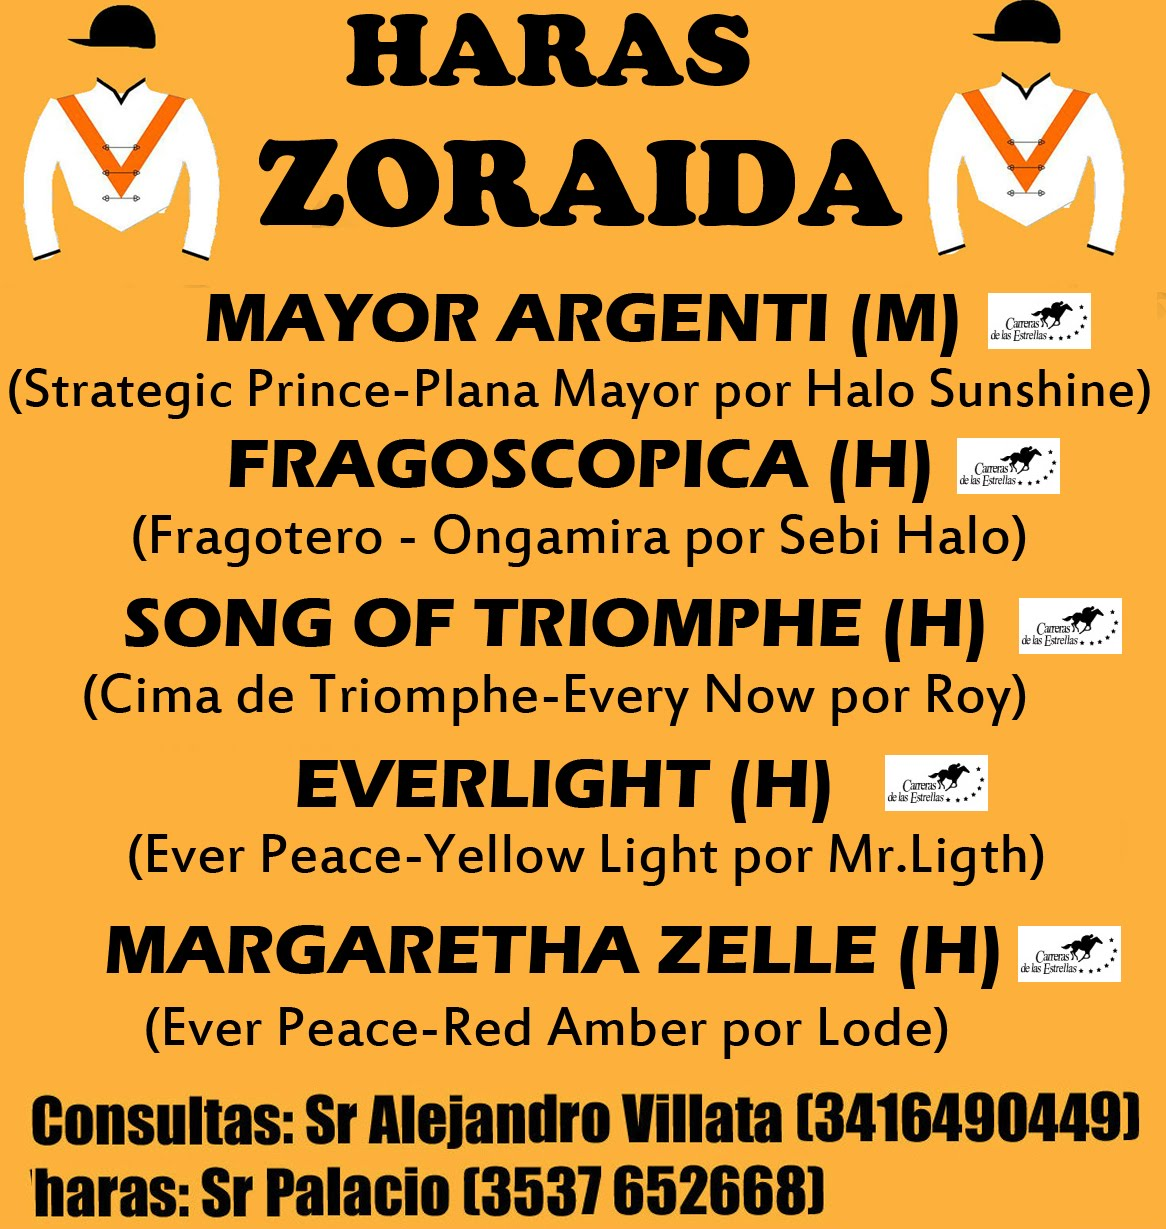 HS ZORAIDA 2